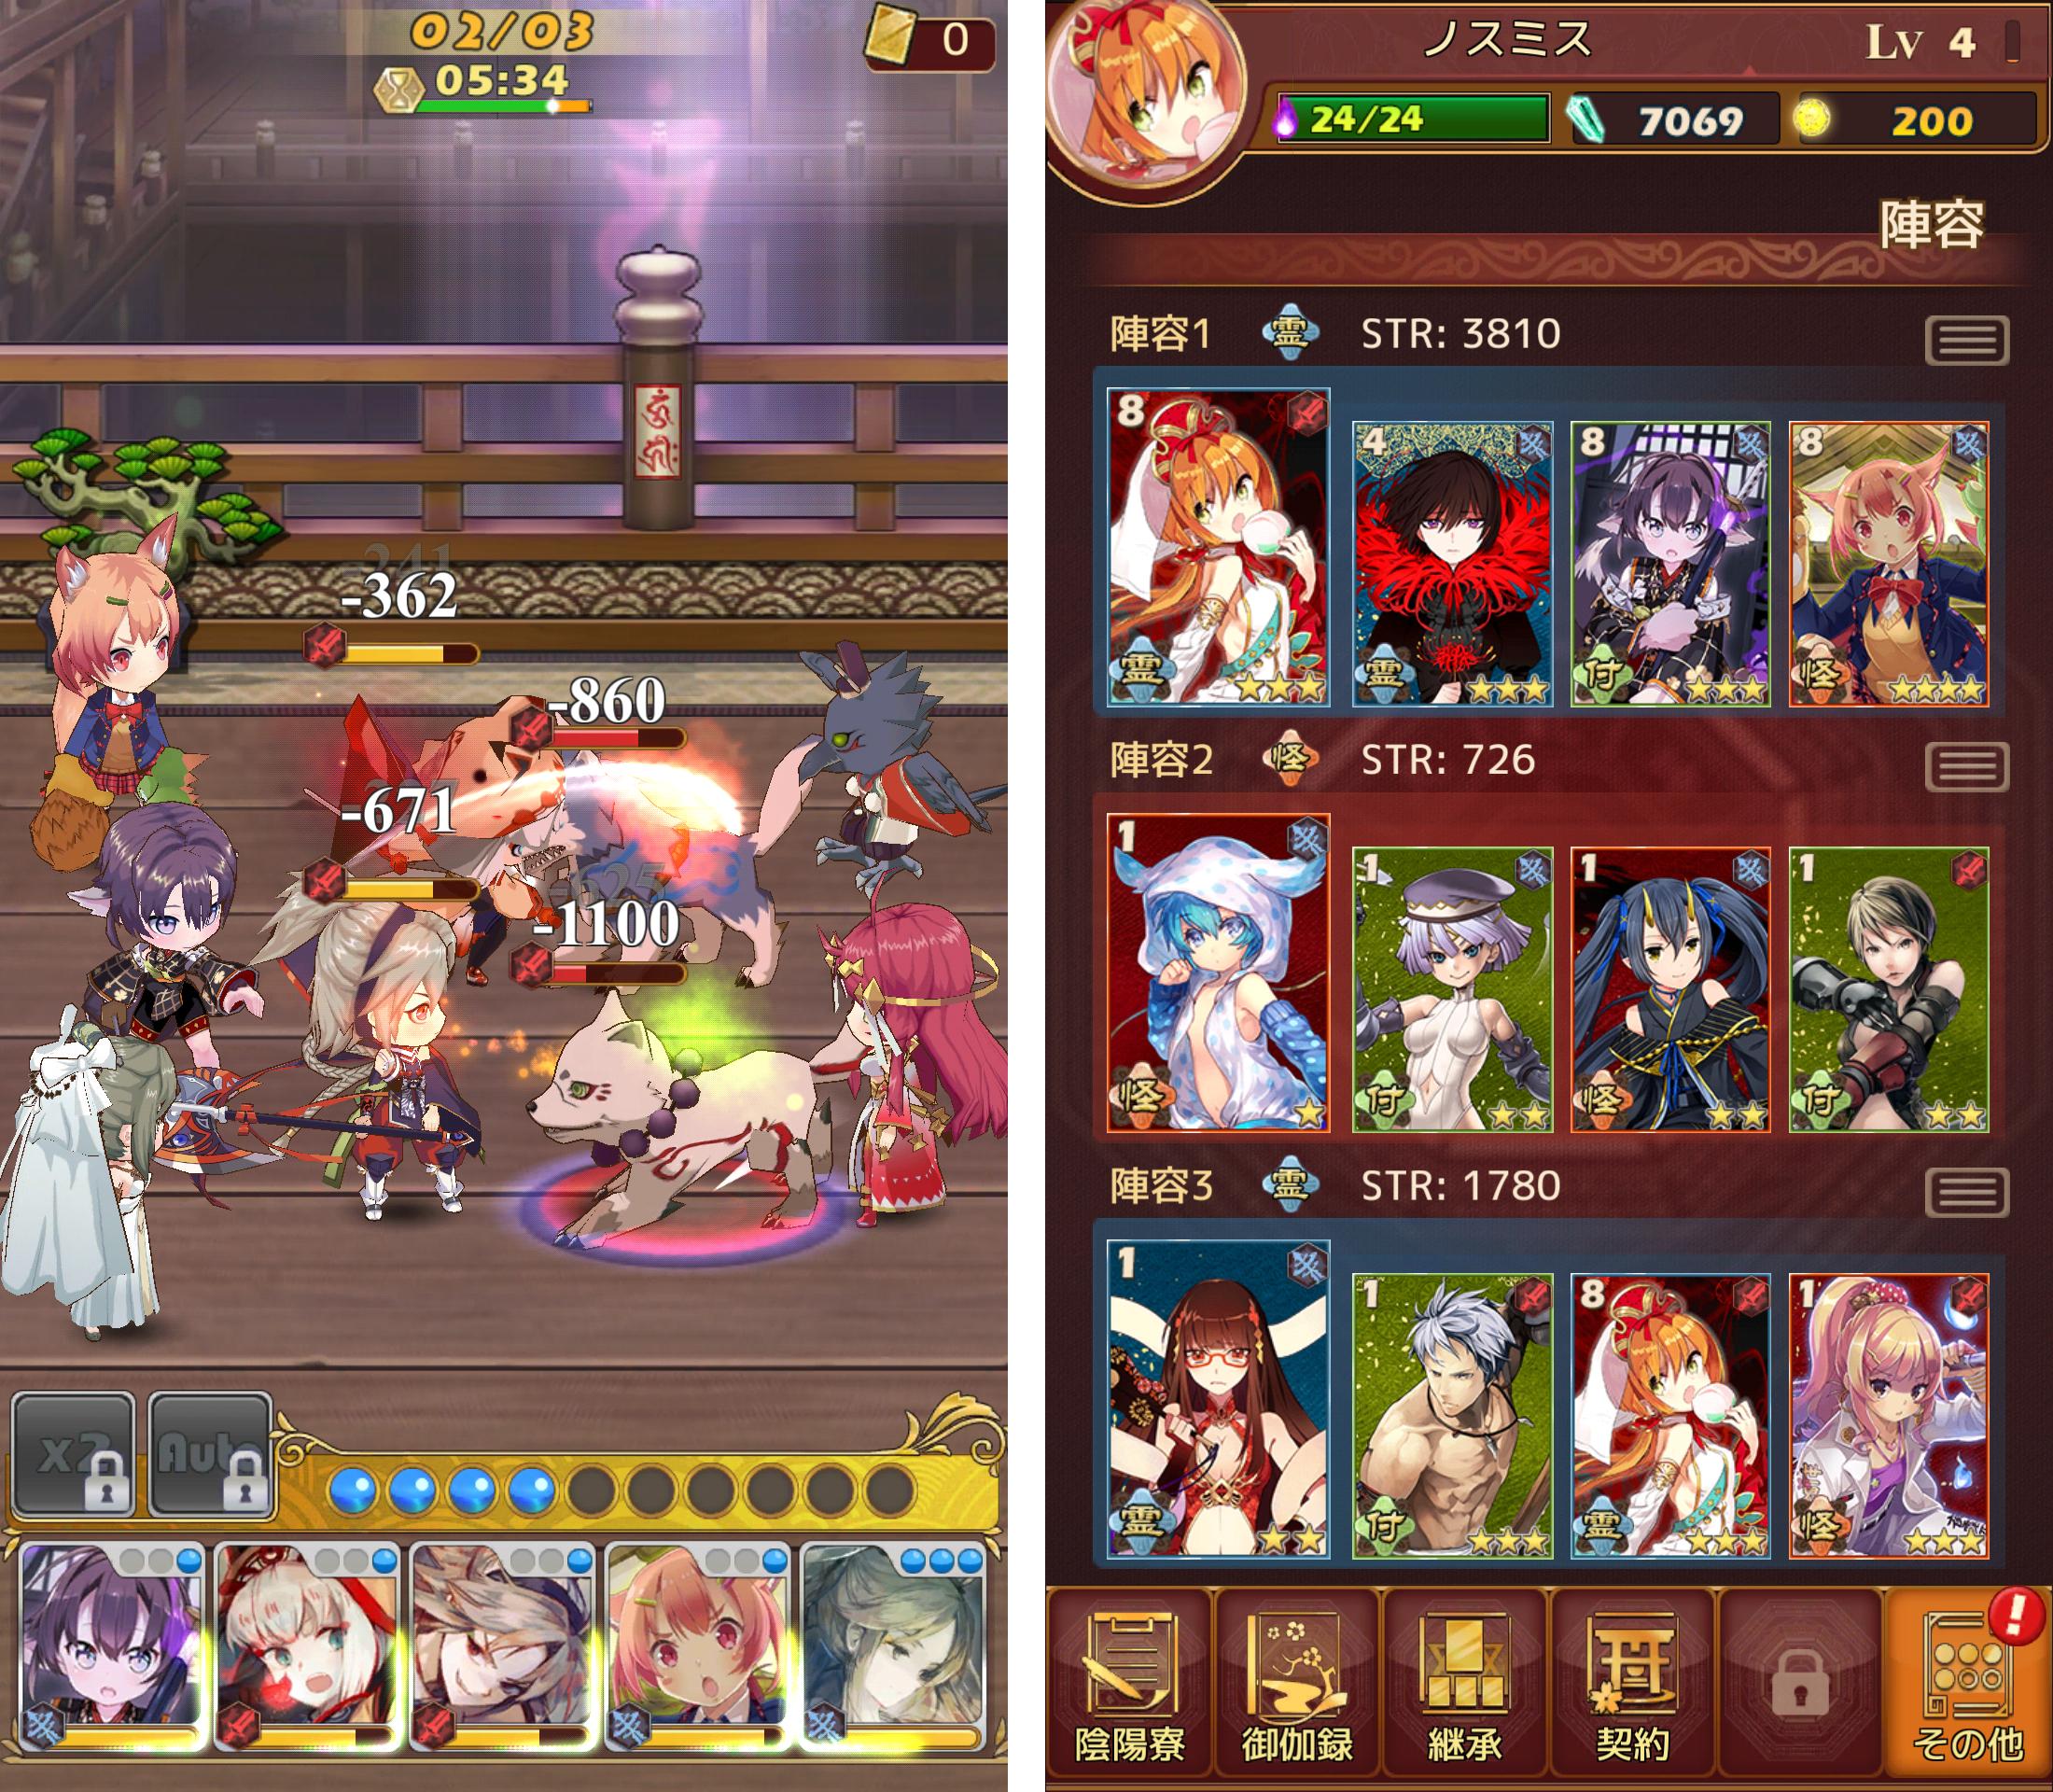 陰陽おとぎソール(Otogi: Spirit Agents) androidアプリスクリーンショット3